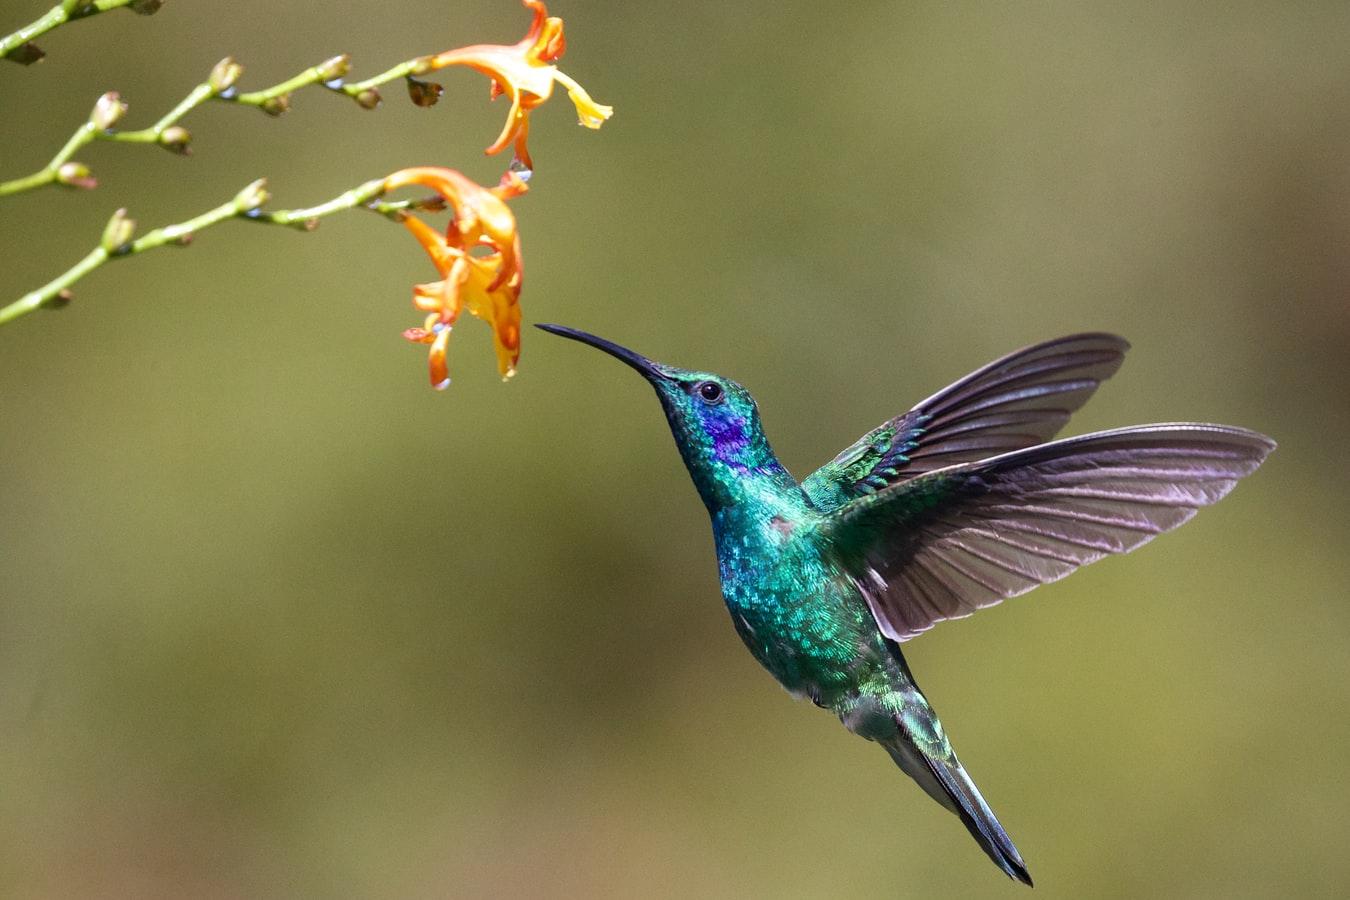 Hummingbird Meditation by Alexandra Alves